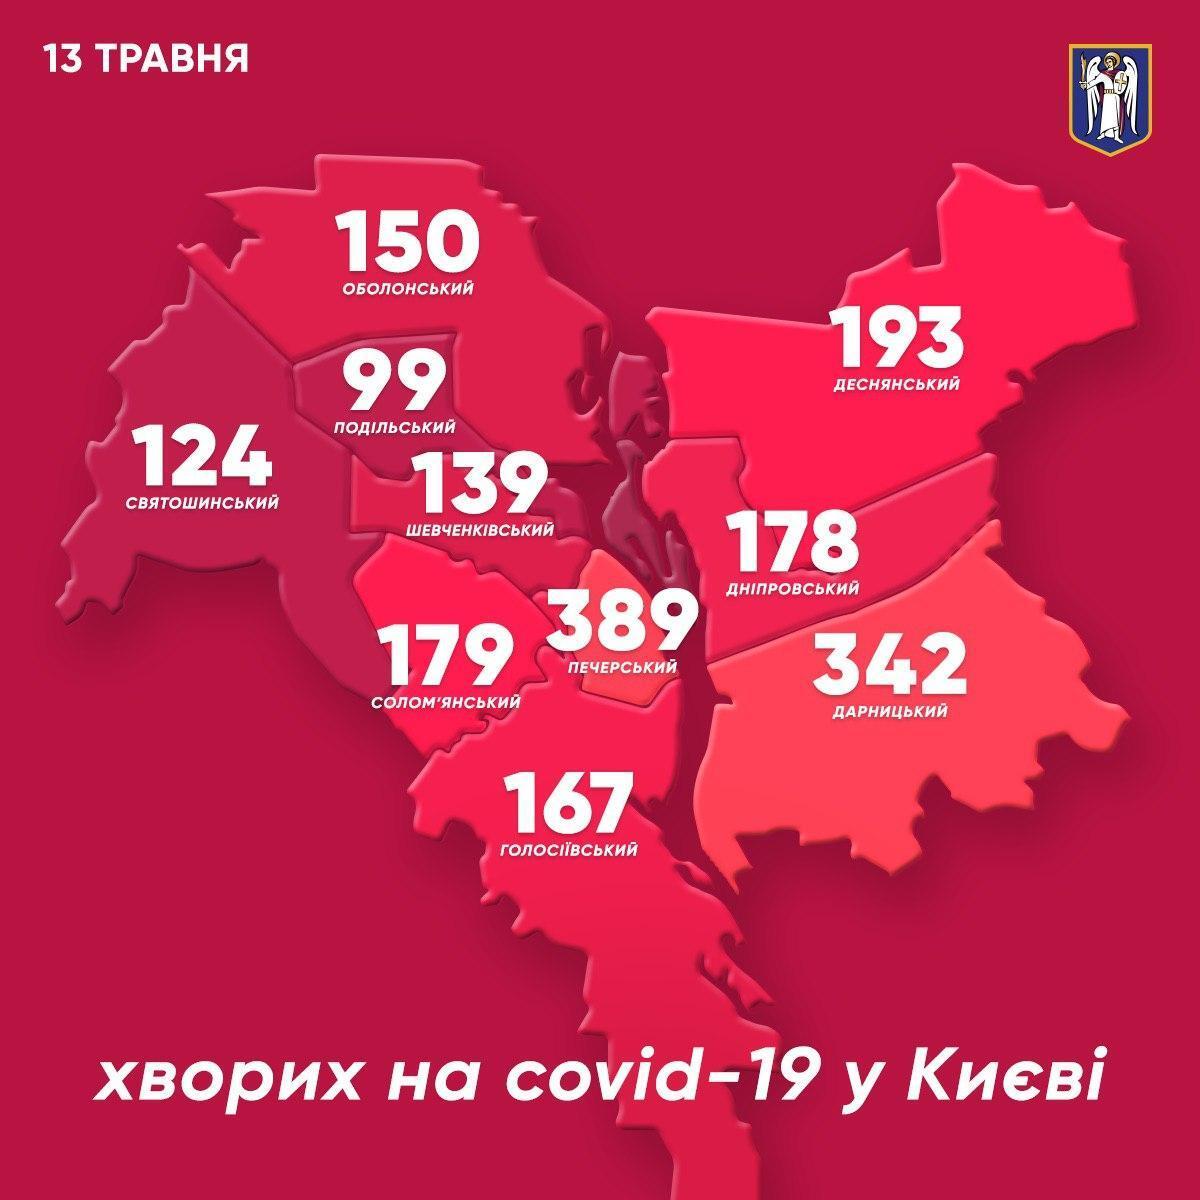 В Киеве заболели COVID-19 почти 2 тысячи человек: появились свежие данные